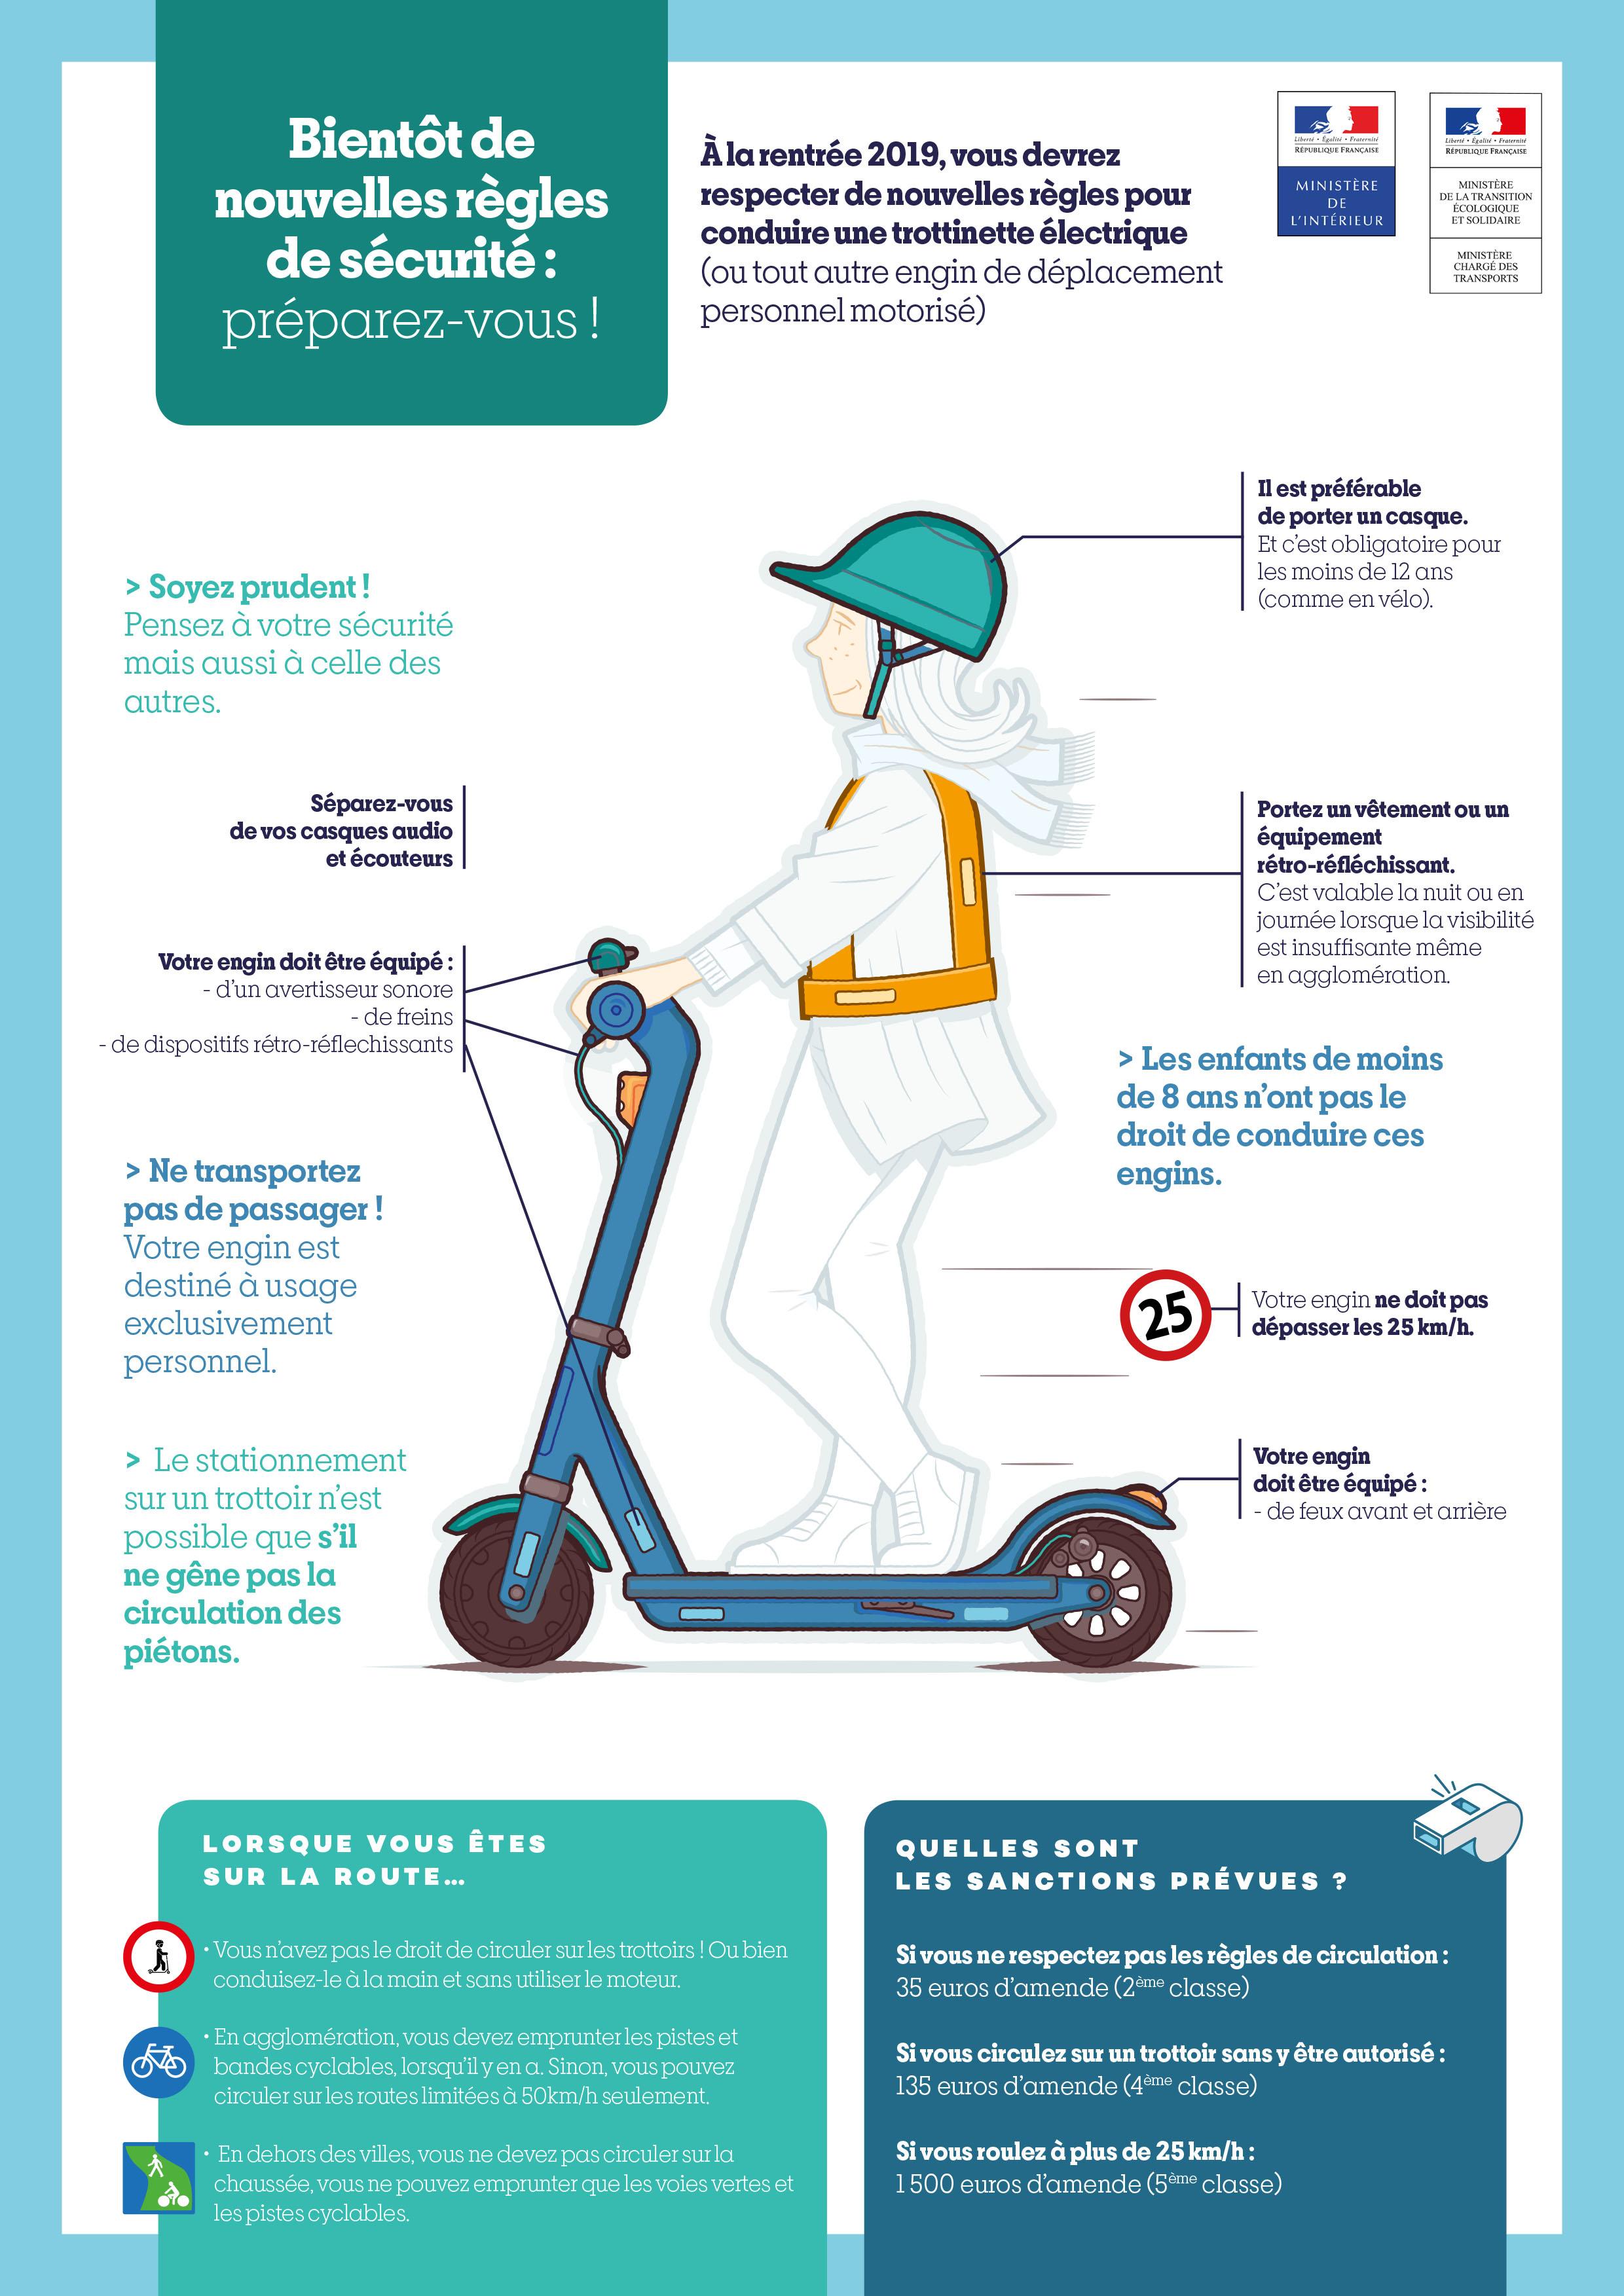 Infographie du gouvernement sur l'usage de la trottinette en ville